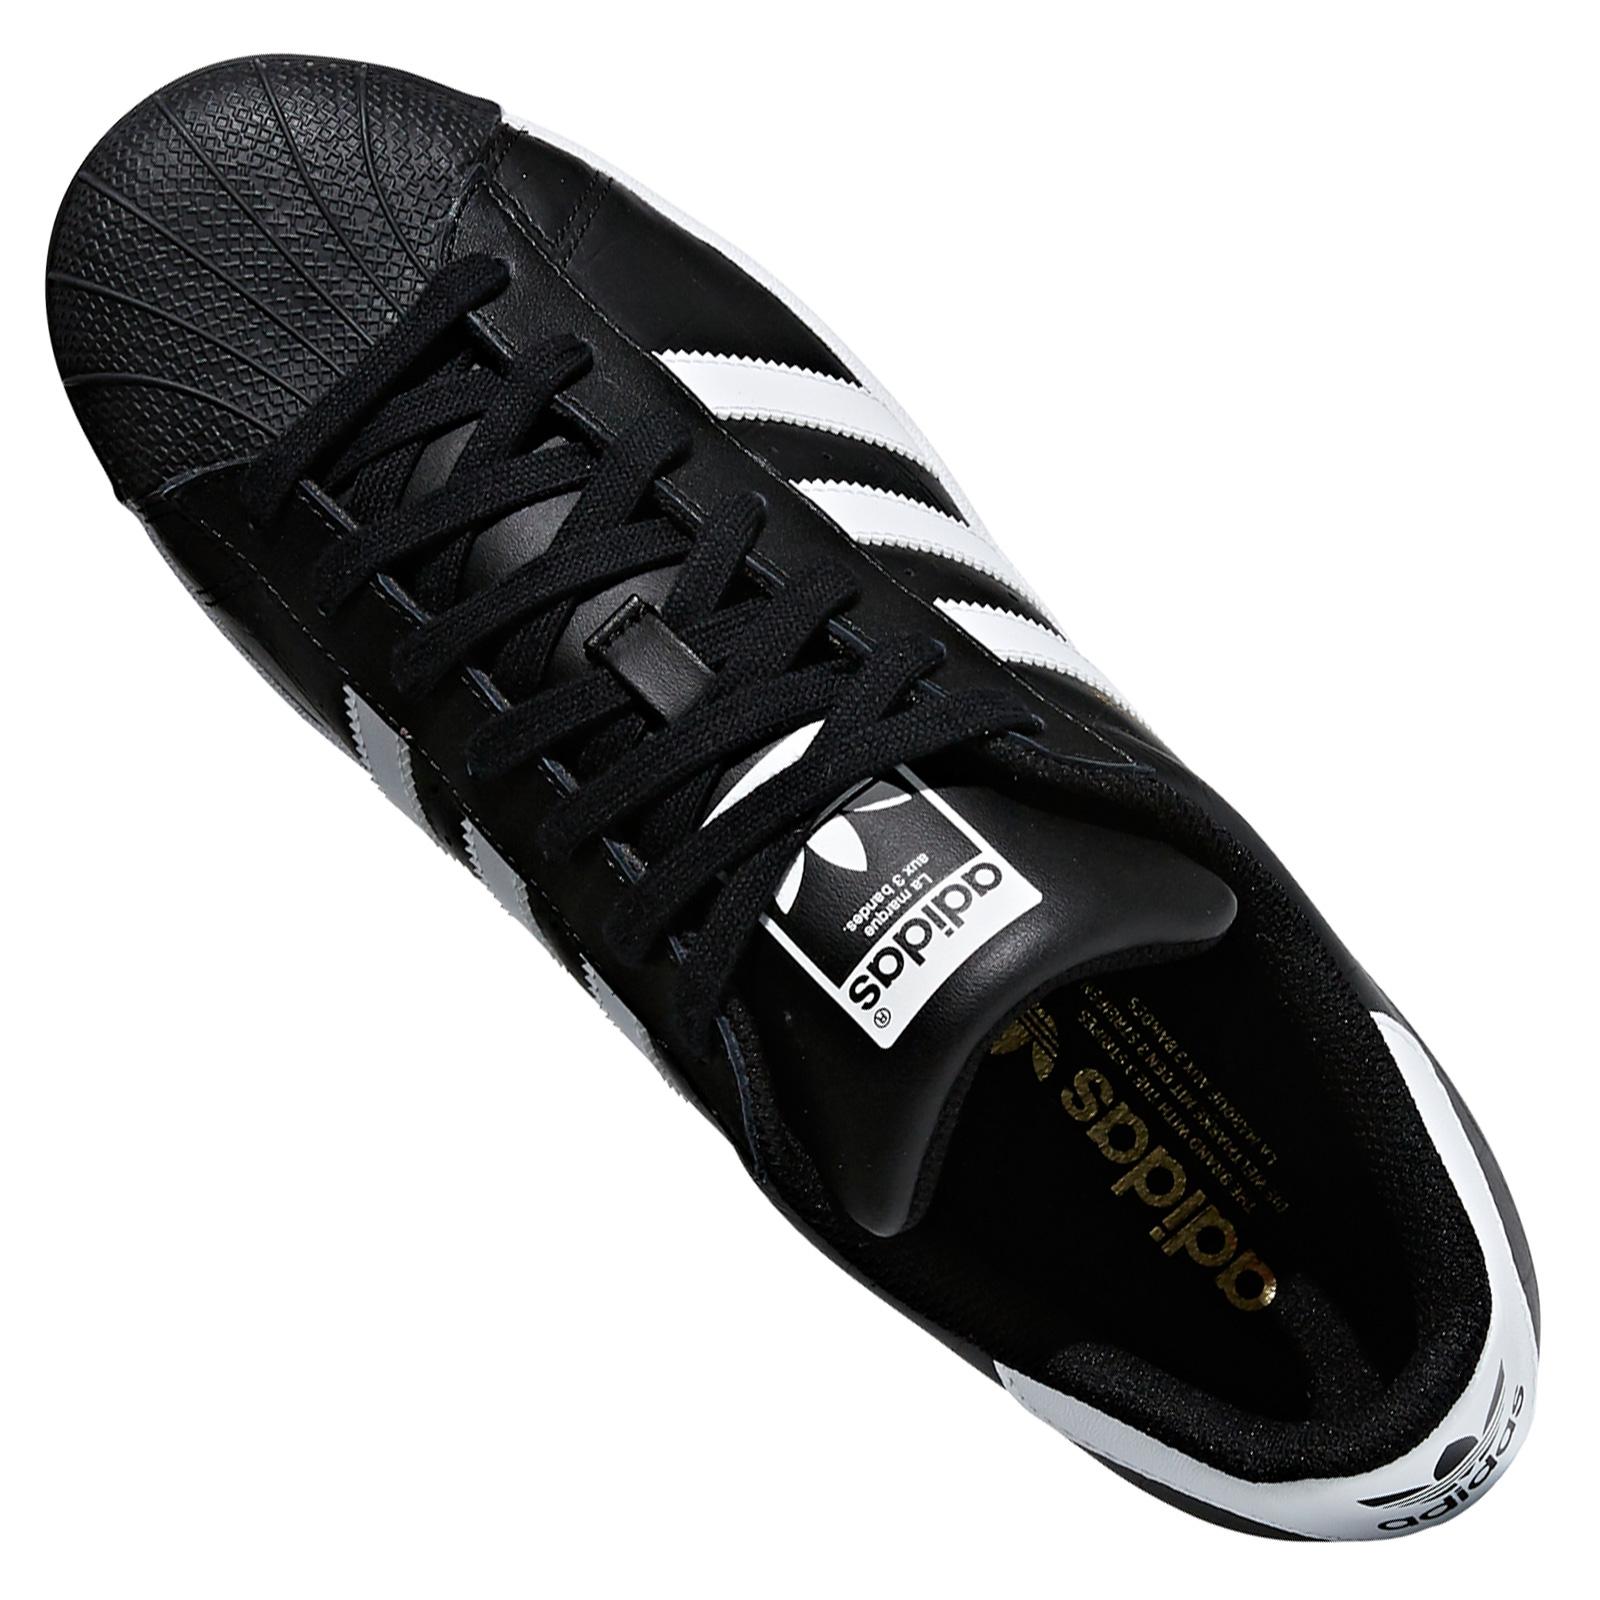 cheap for discount f4a12 7c156 adidas Originals Superstar SST Damen Herren Leder Sneaker Turnschuhe  Schwarz Weiß